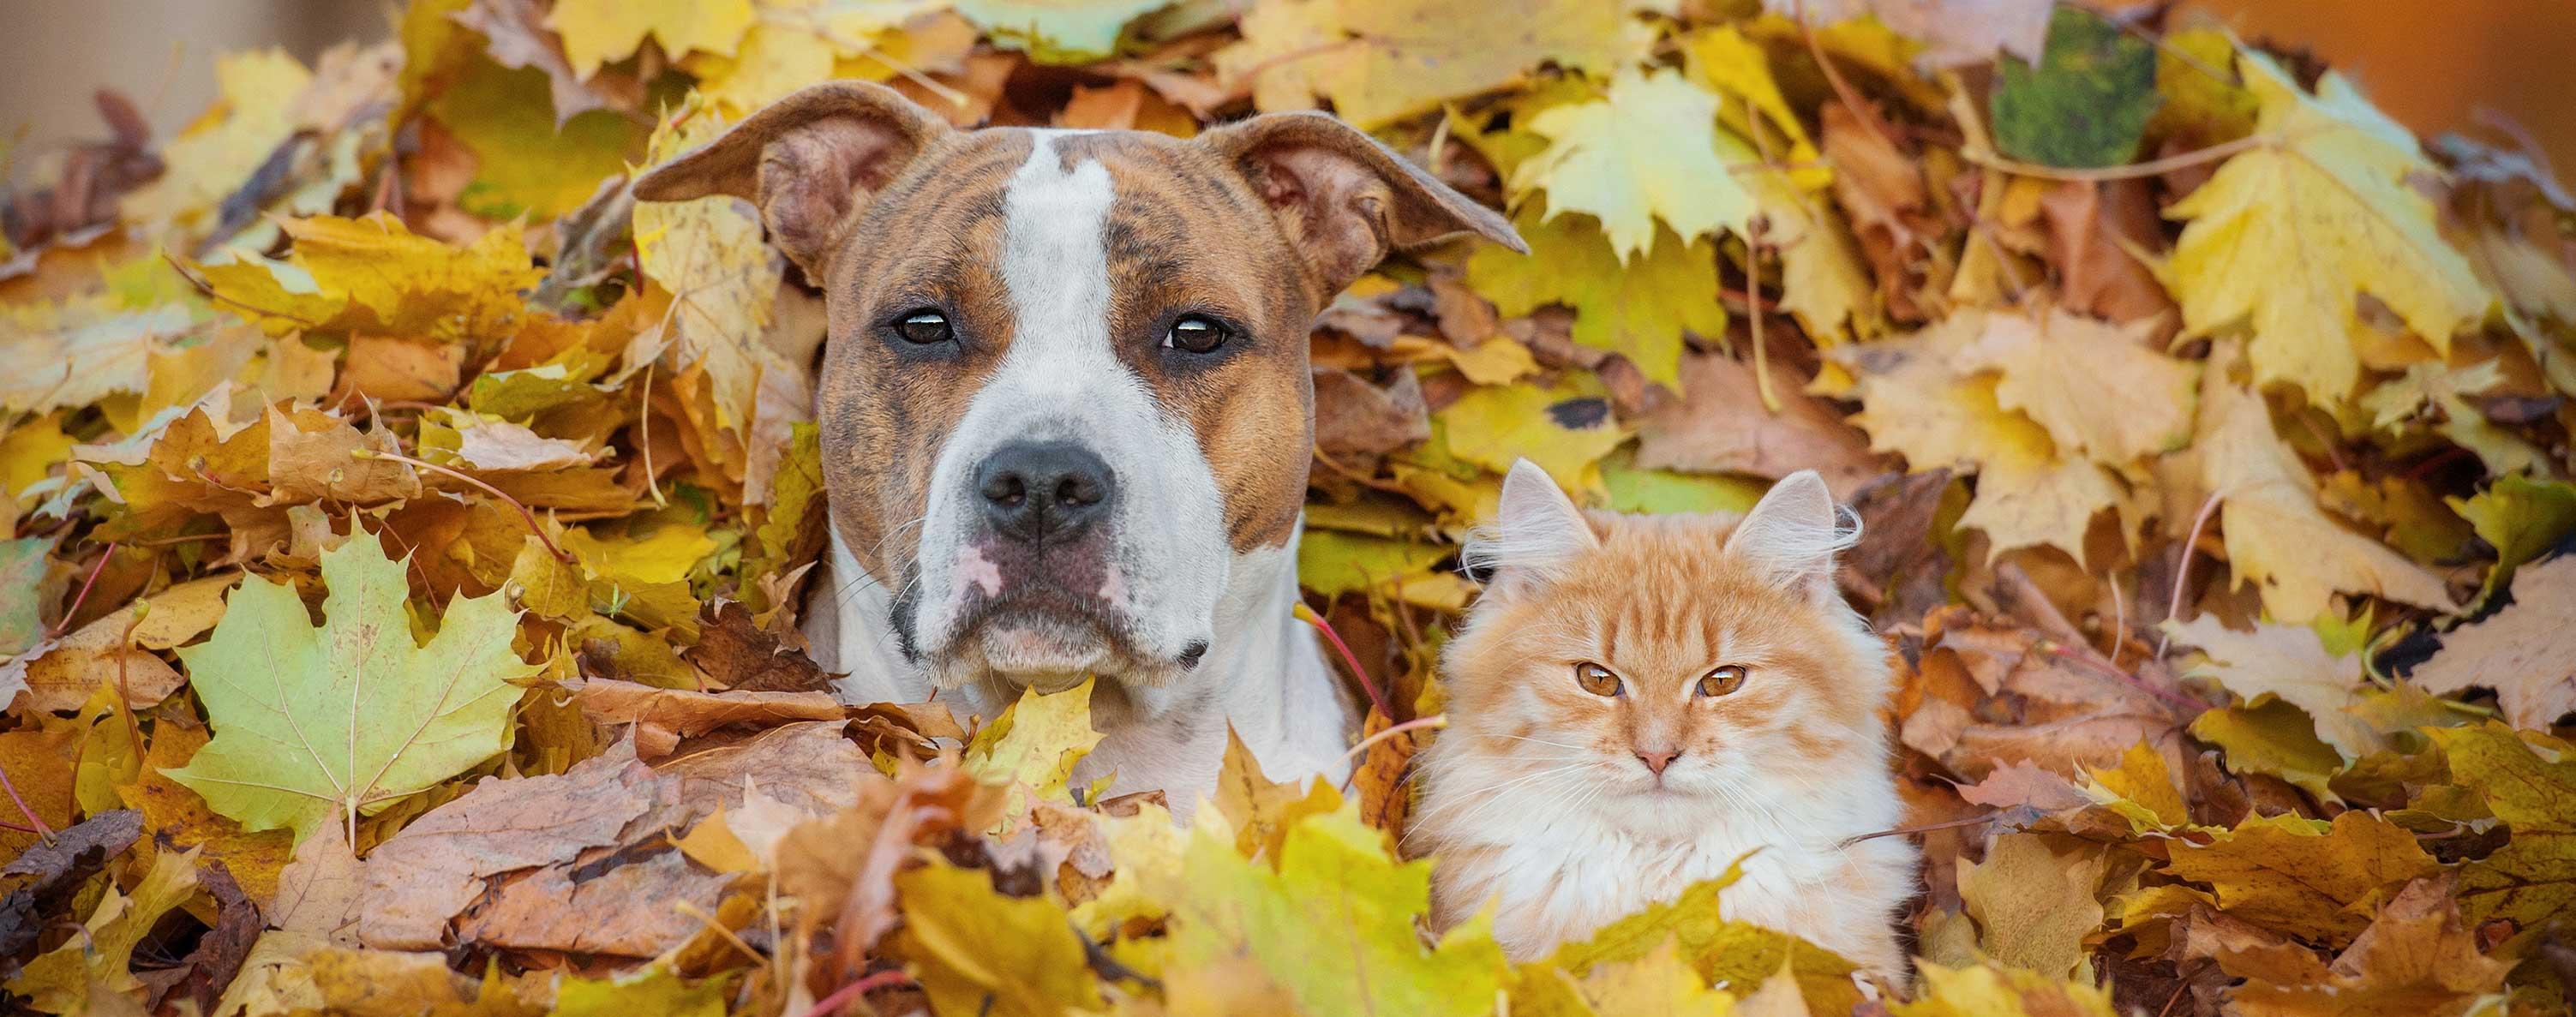 Dog, Cat, Fall Leaves